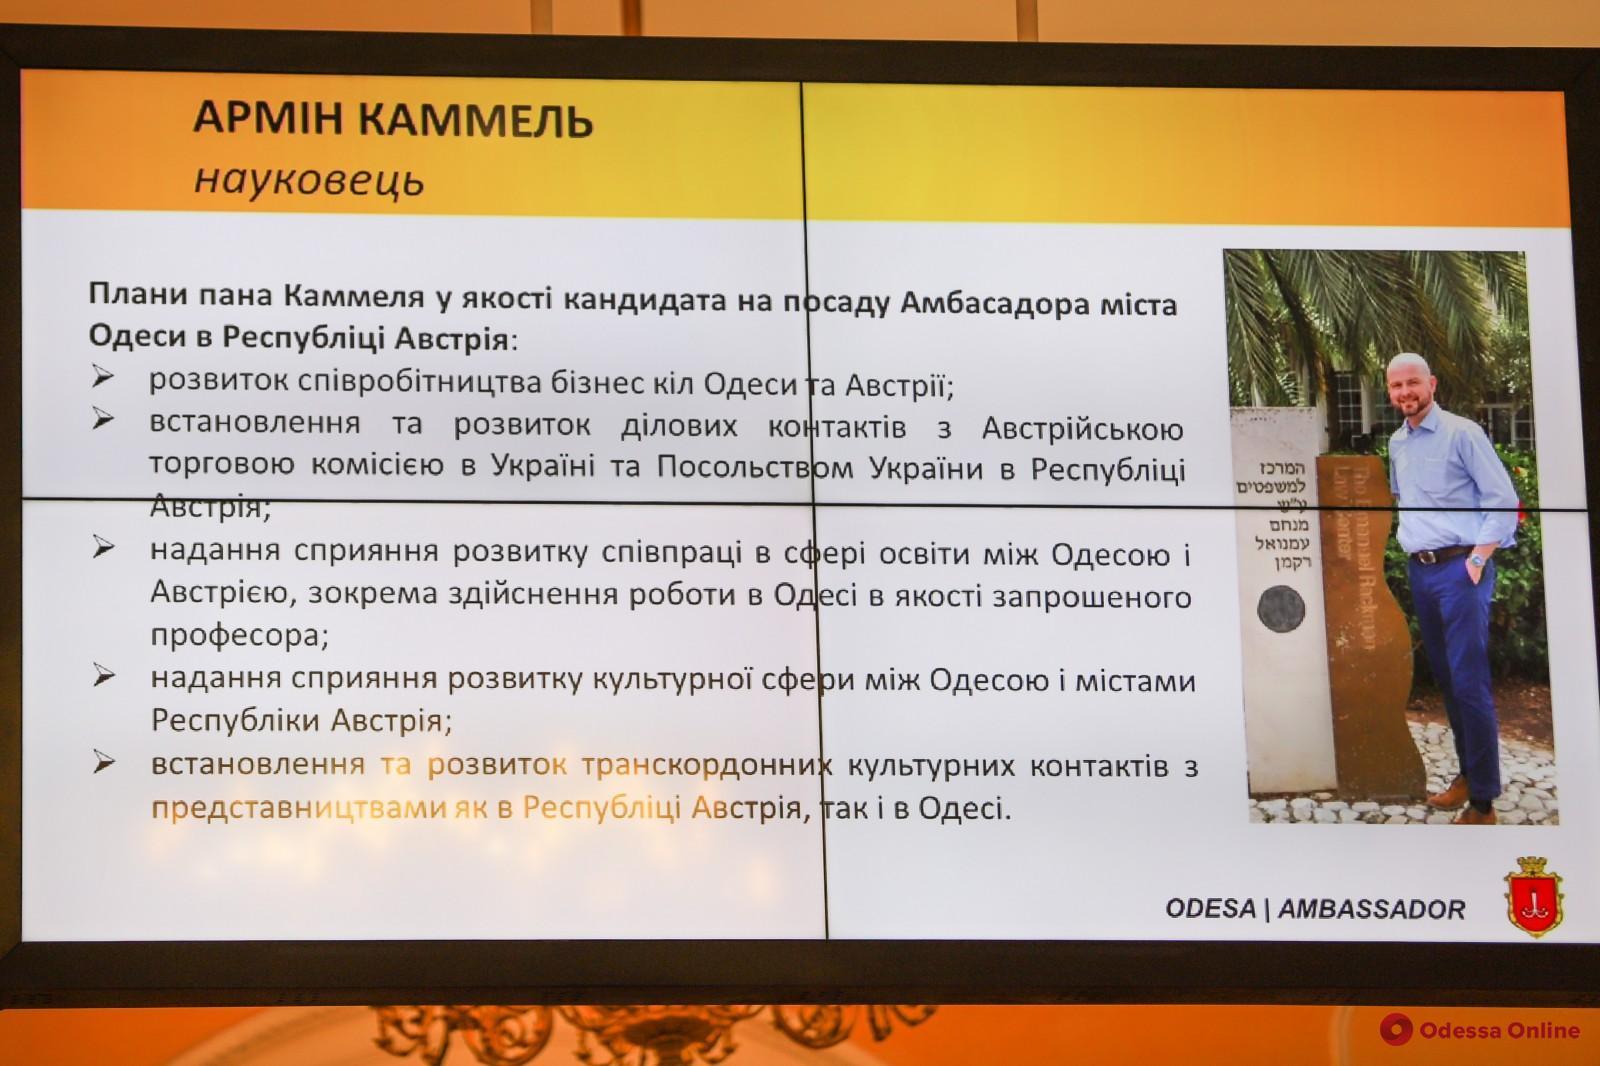 Утвержден амбассадор Одессы в Австрии